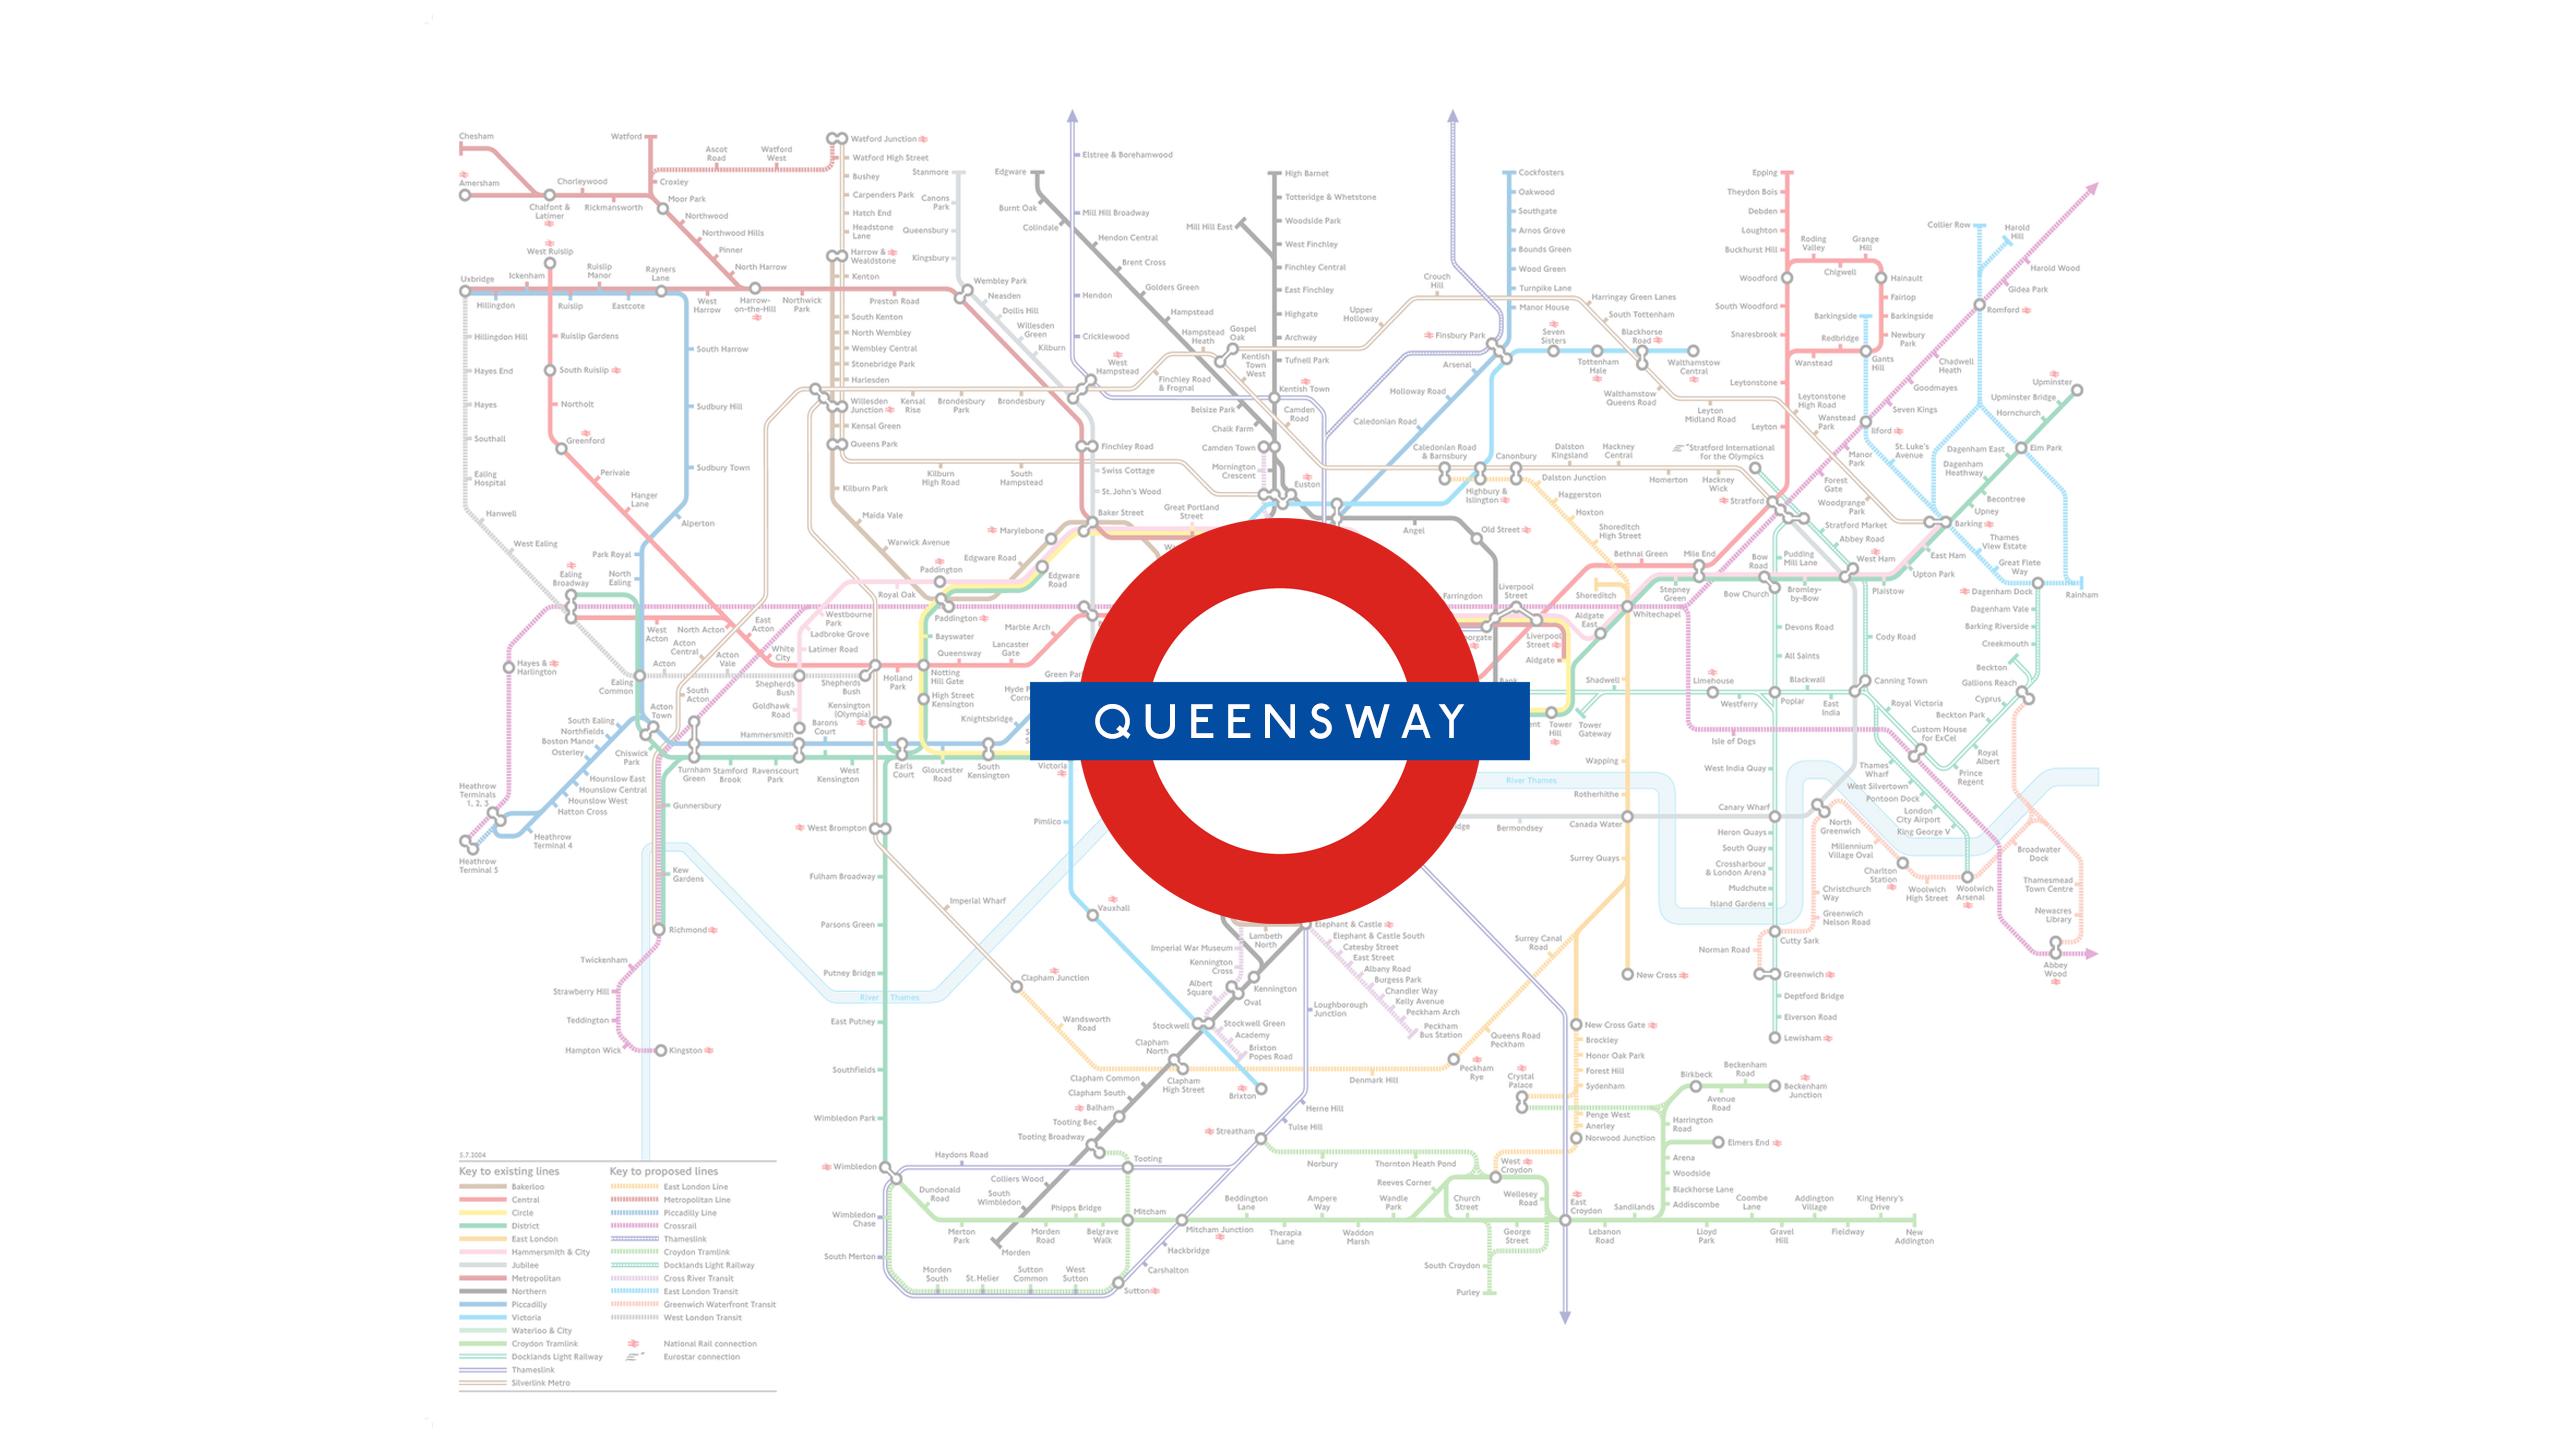 Queensway (Map)